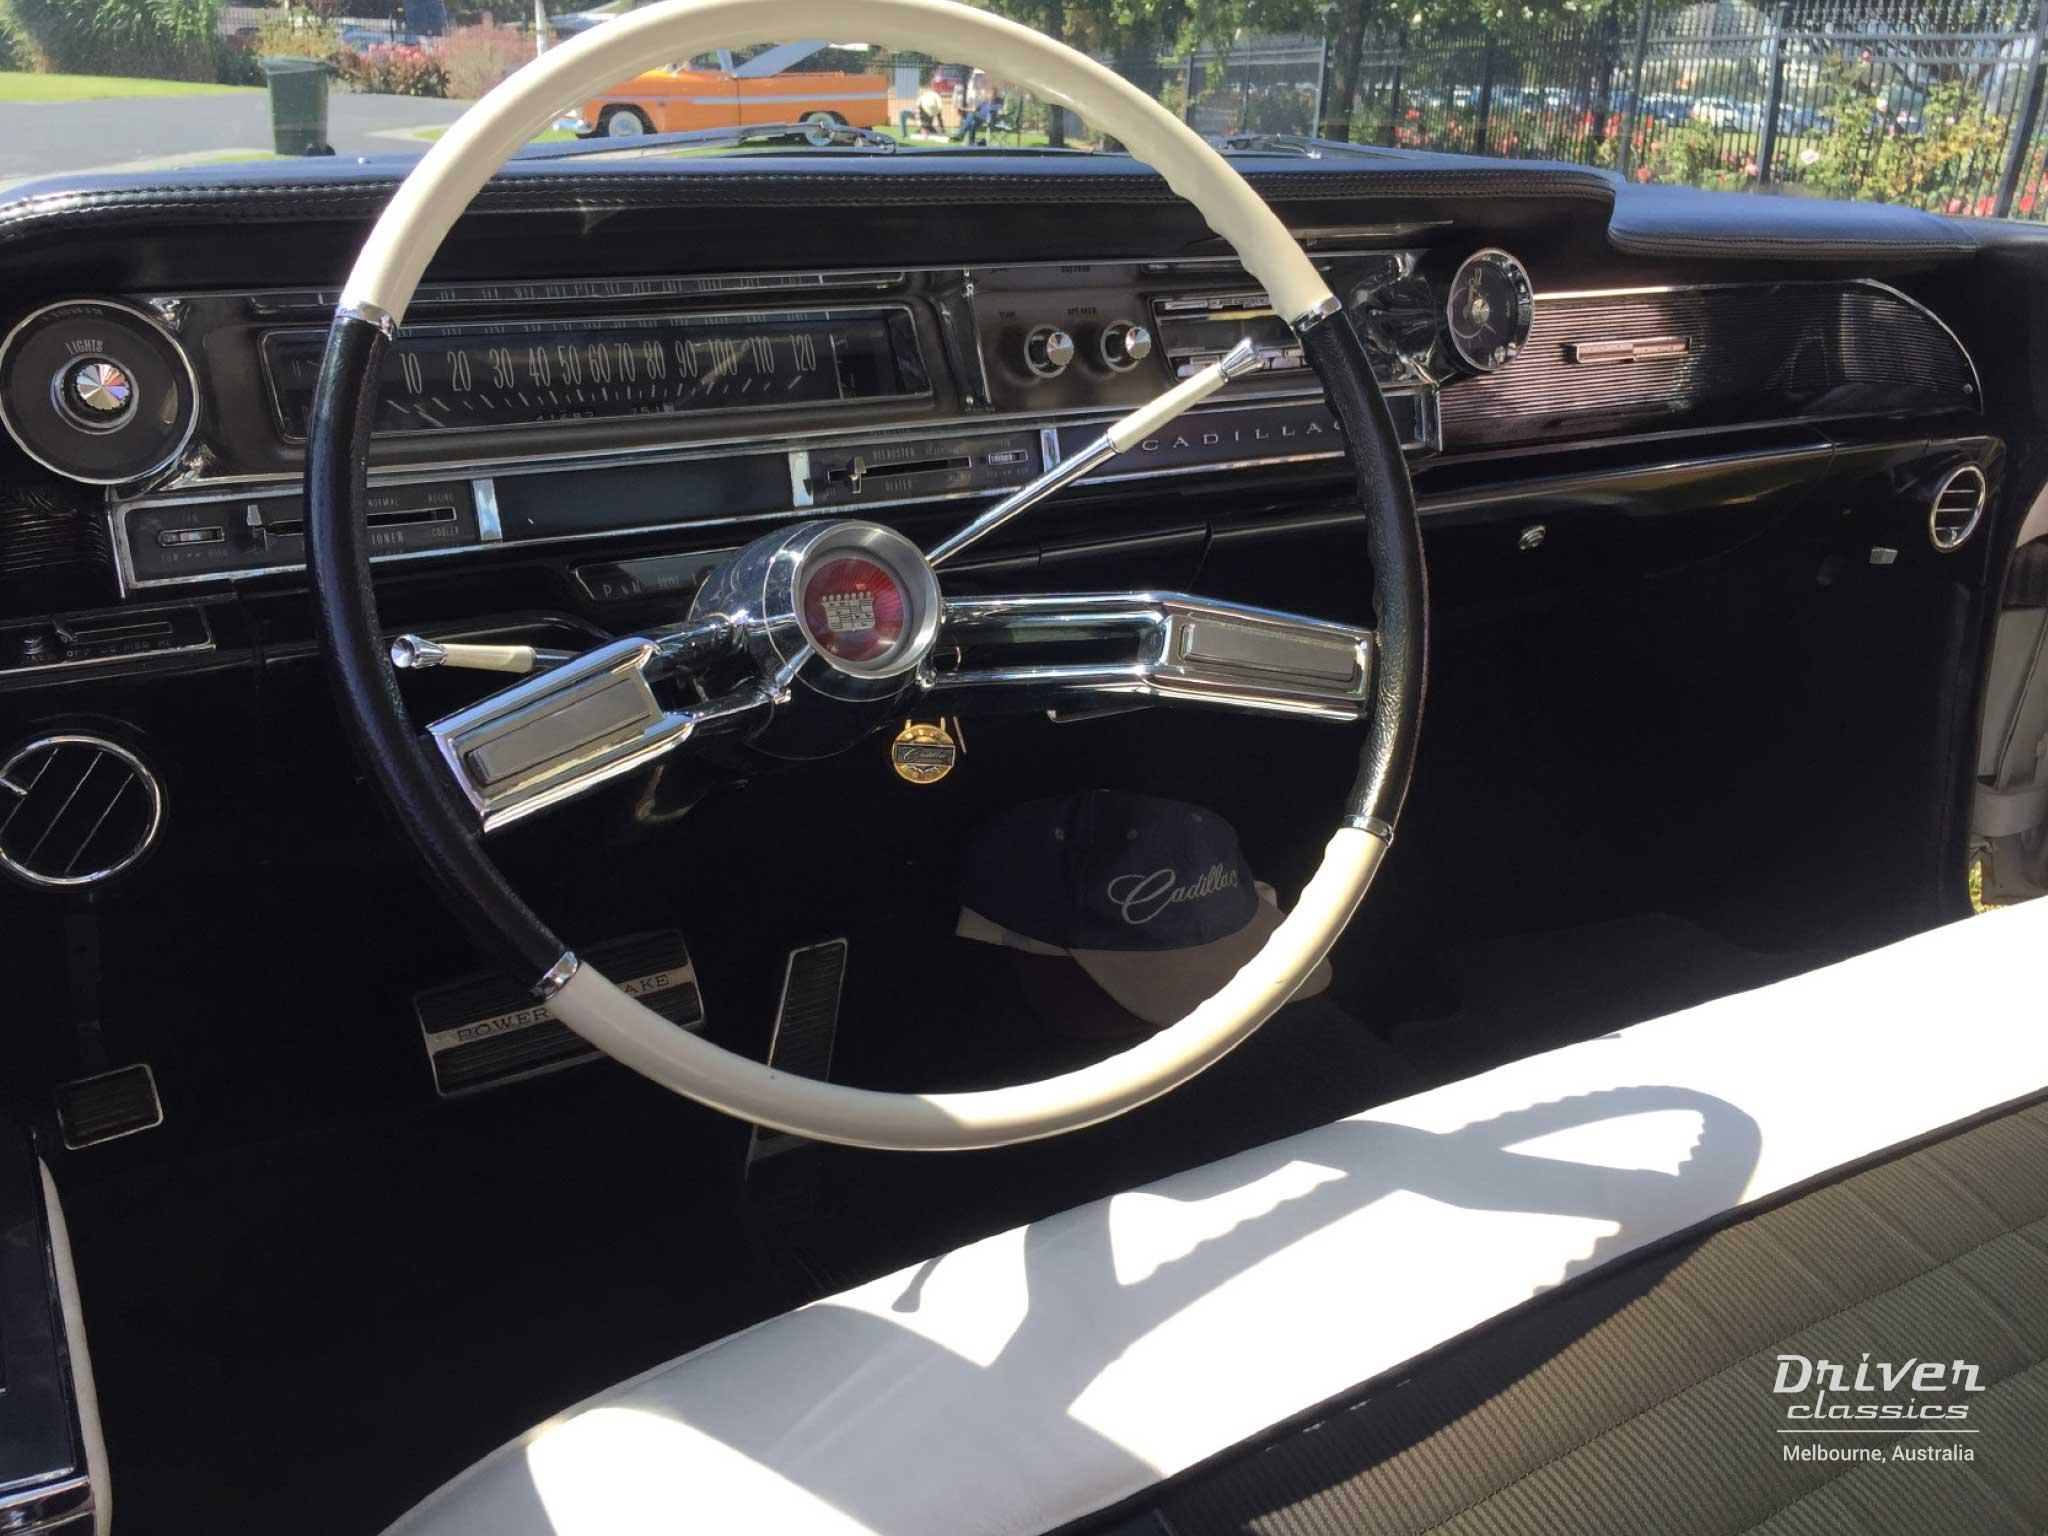 1961 Cadillac Coupe de Ville dashboard